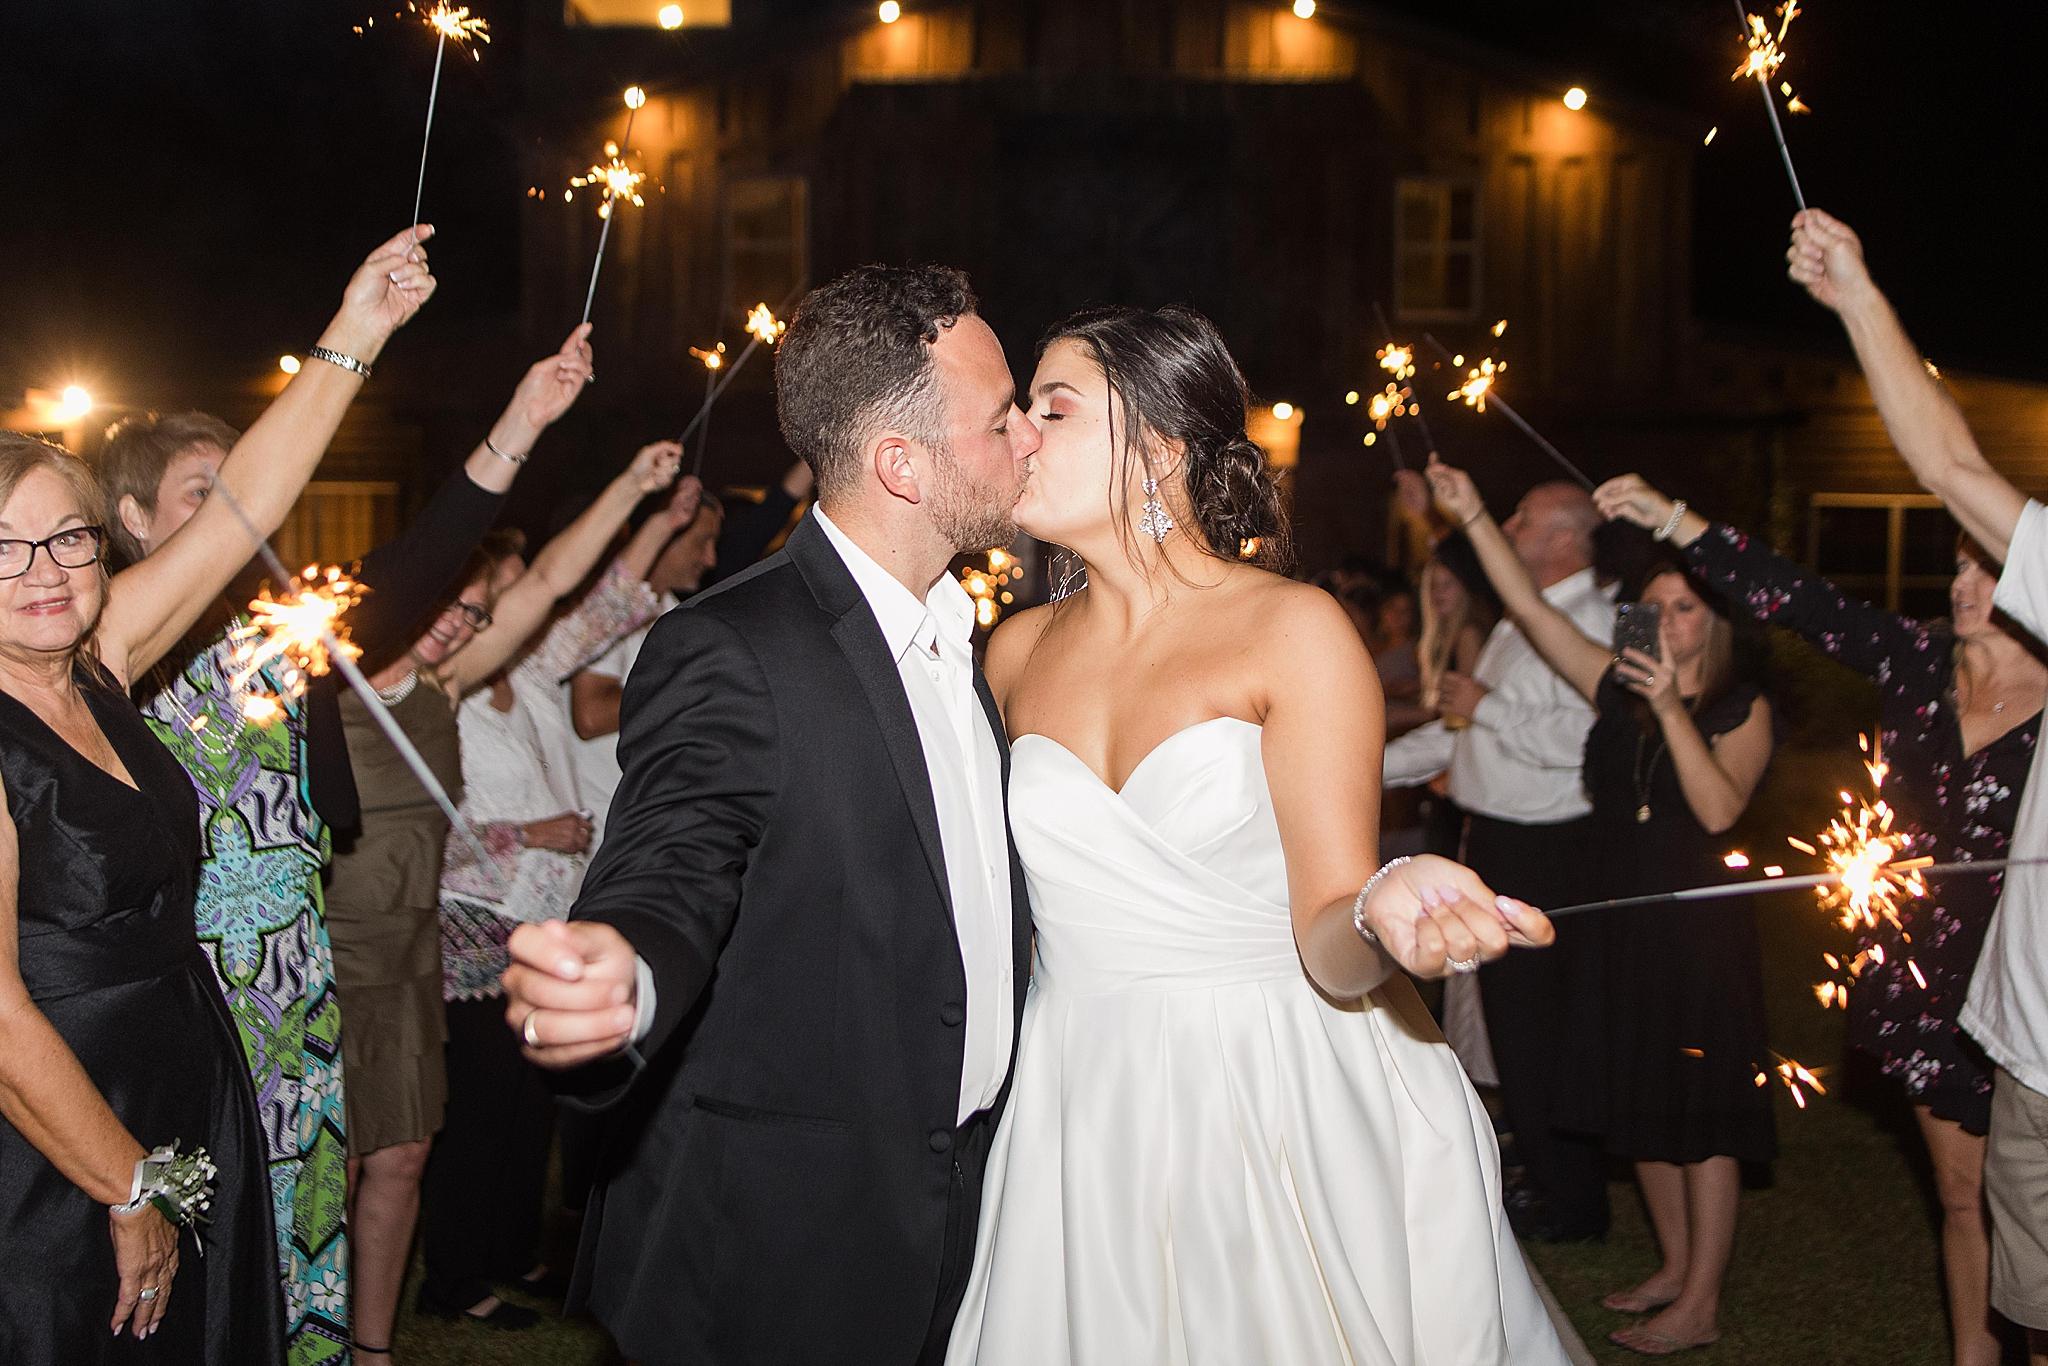 sparkler exit after Izenstone wedding